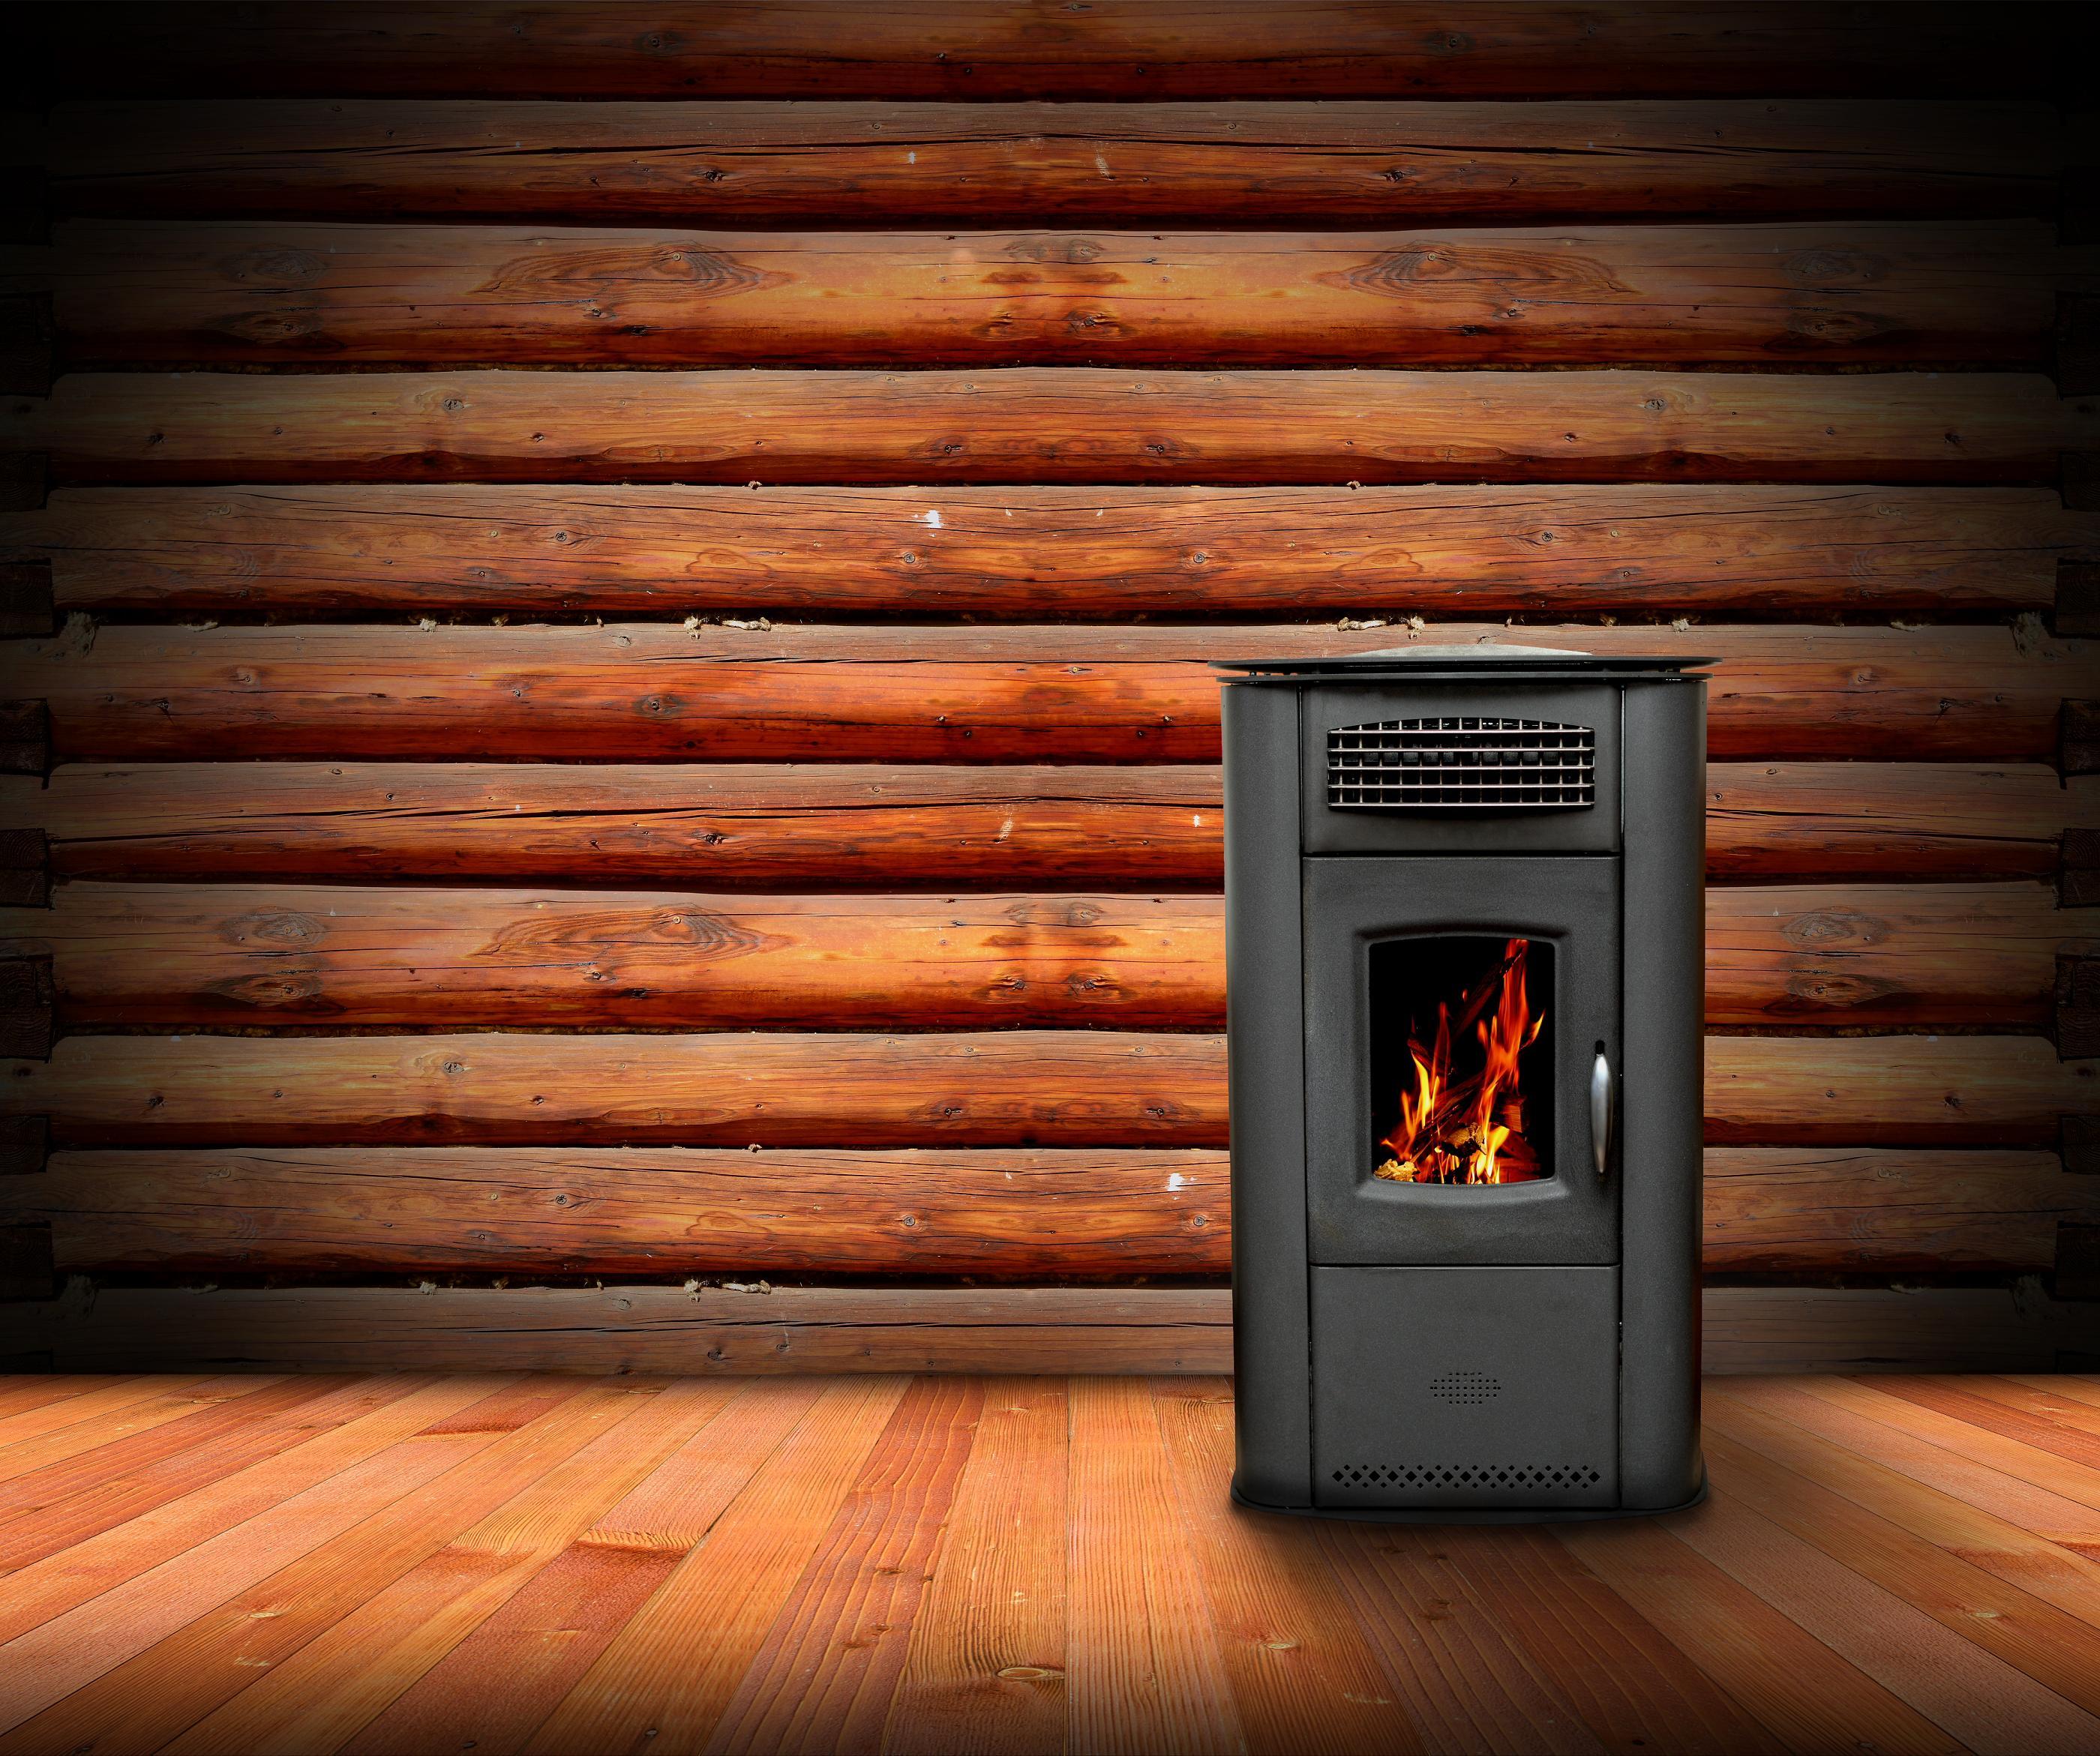 Poele A Pellet Que Choisir comment se chauffer au bois ou aux pellets en toute sécurité